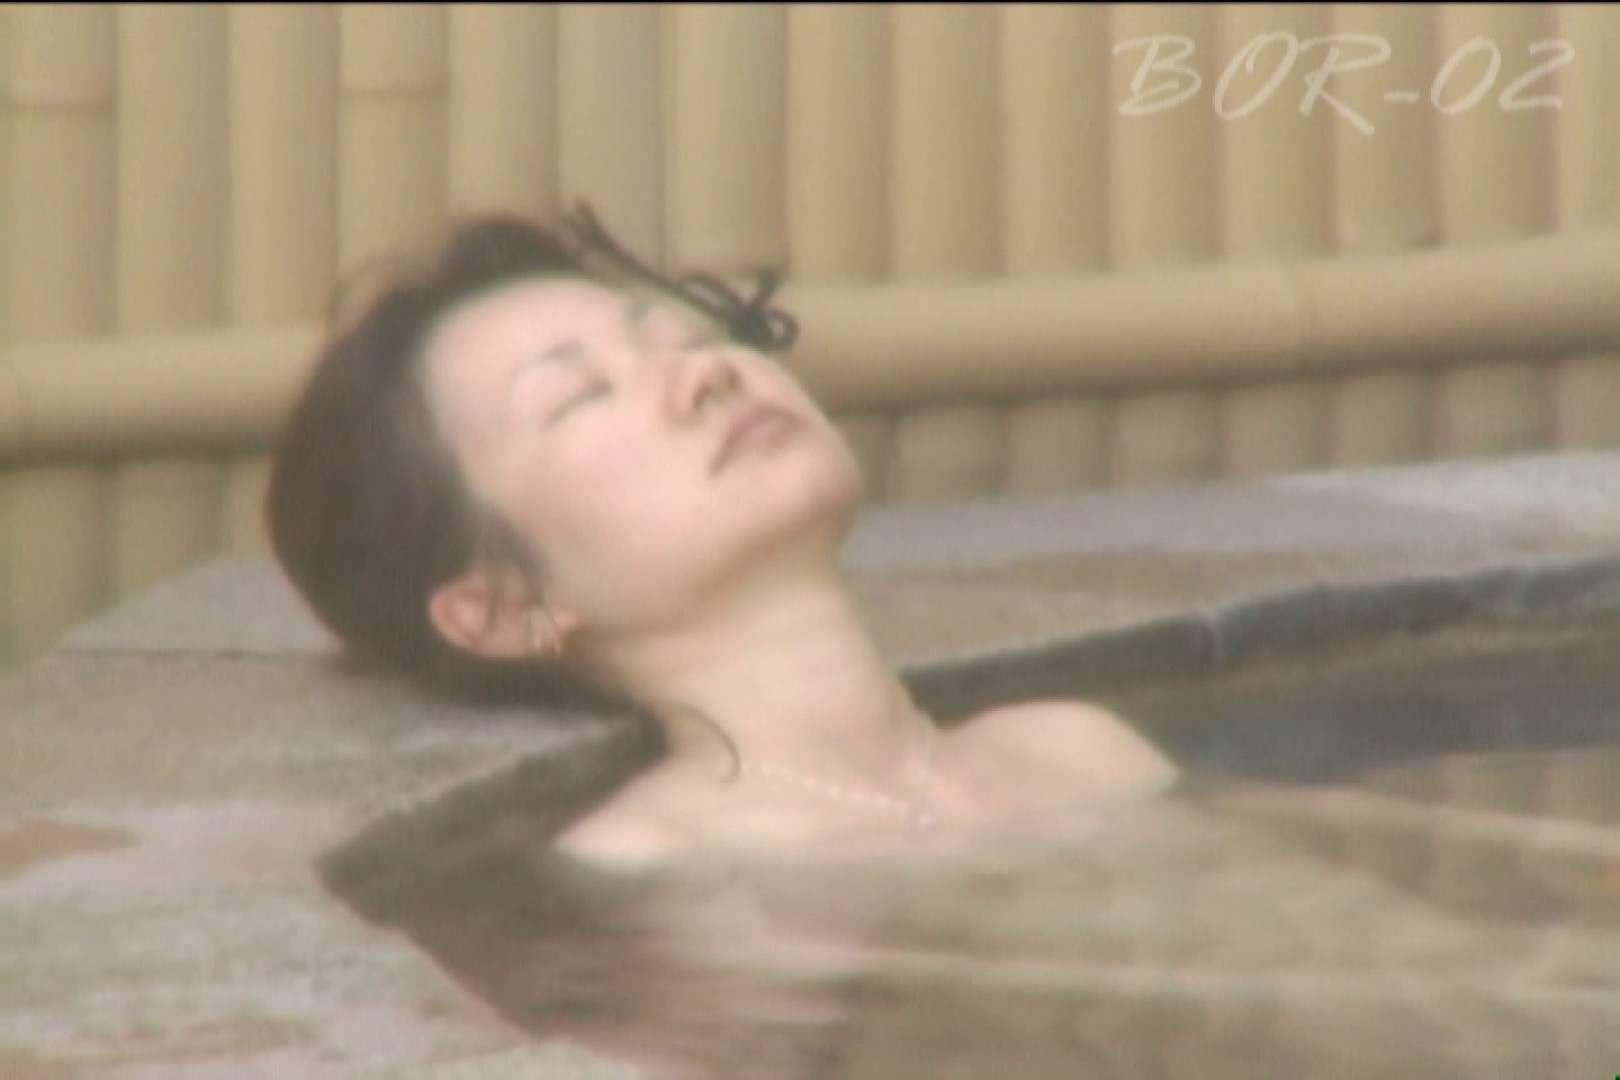 Aquaな露天風呂Vol.477 盗撮  99PICs 60